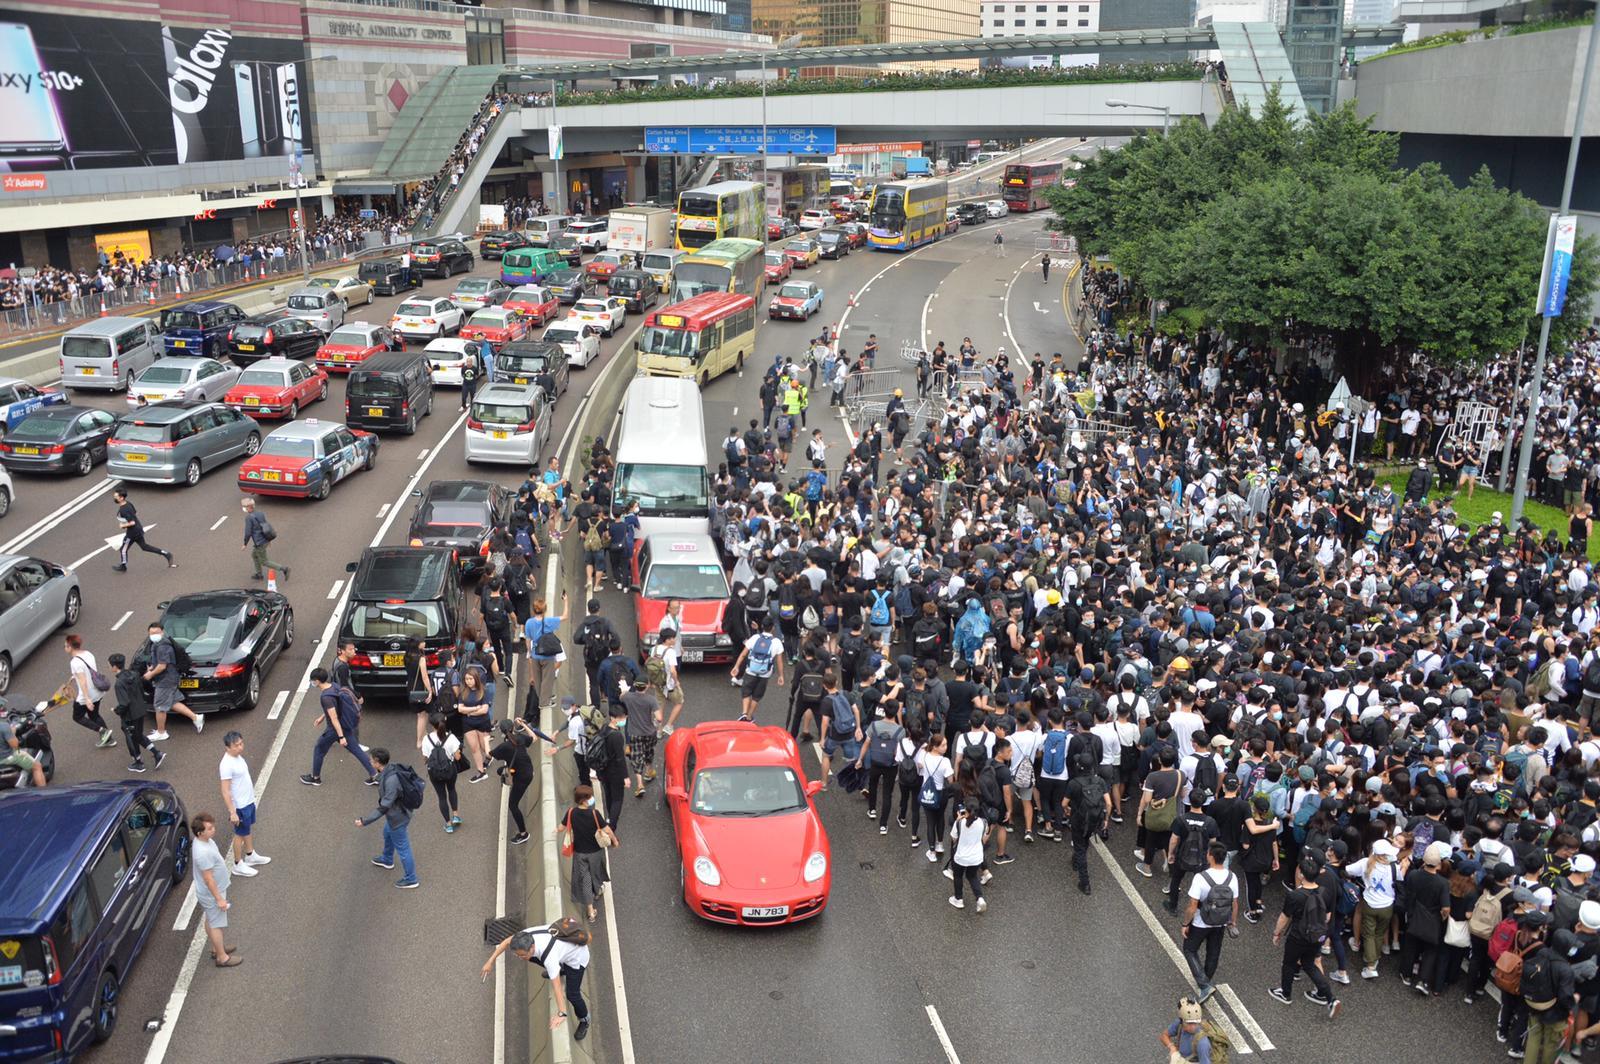 示威者衝出馬路,影響鄰近地區的交通。